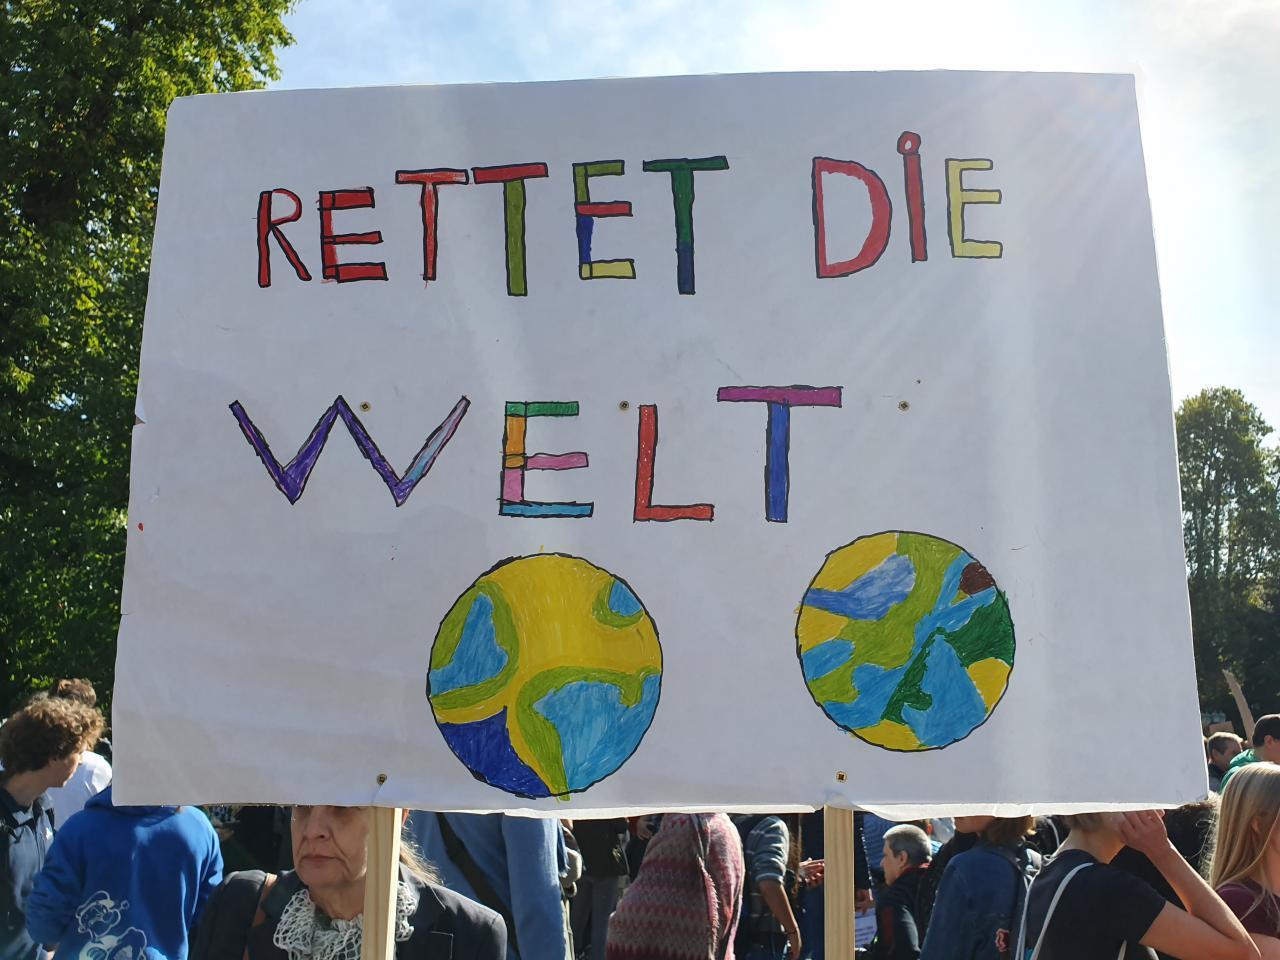 Plakat der Klimademo »Fridays for Future« mit dem Text »Rettet die Welt«